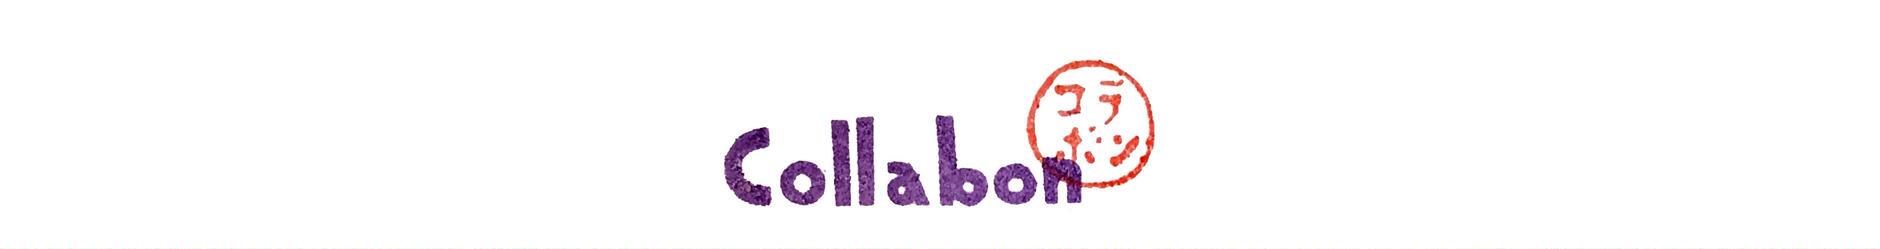 collabon